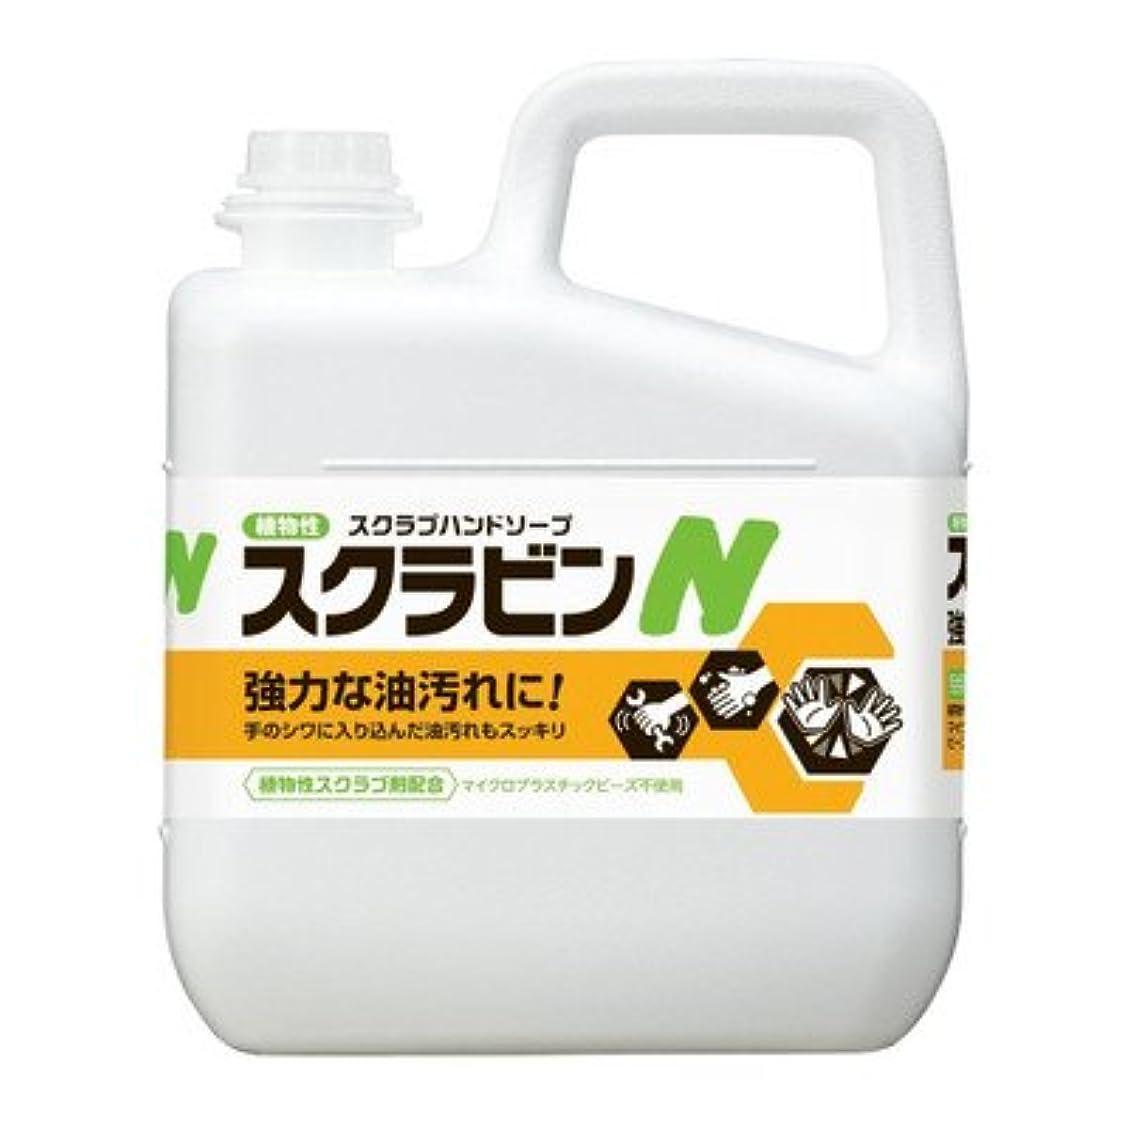 スクリュー首相パスタ環境と手肌に優しく油汚れを落とす植物性スクラブハンドソープ サラヤ 植物性スクラブハンドソープ スクラビンN 5kg 23155